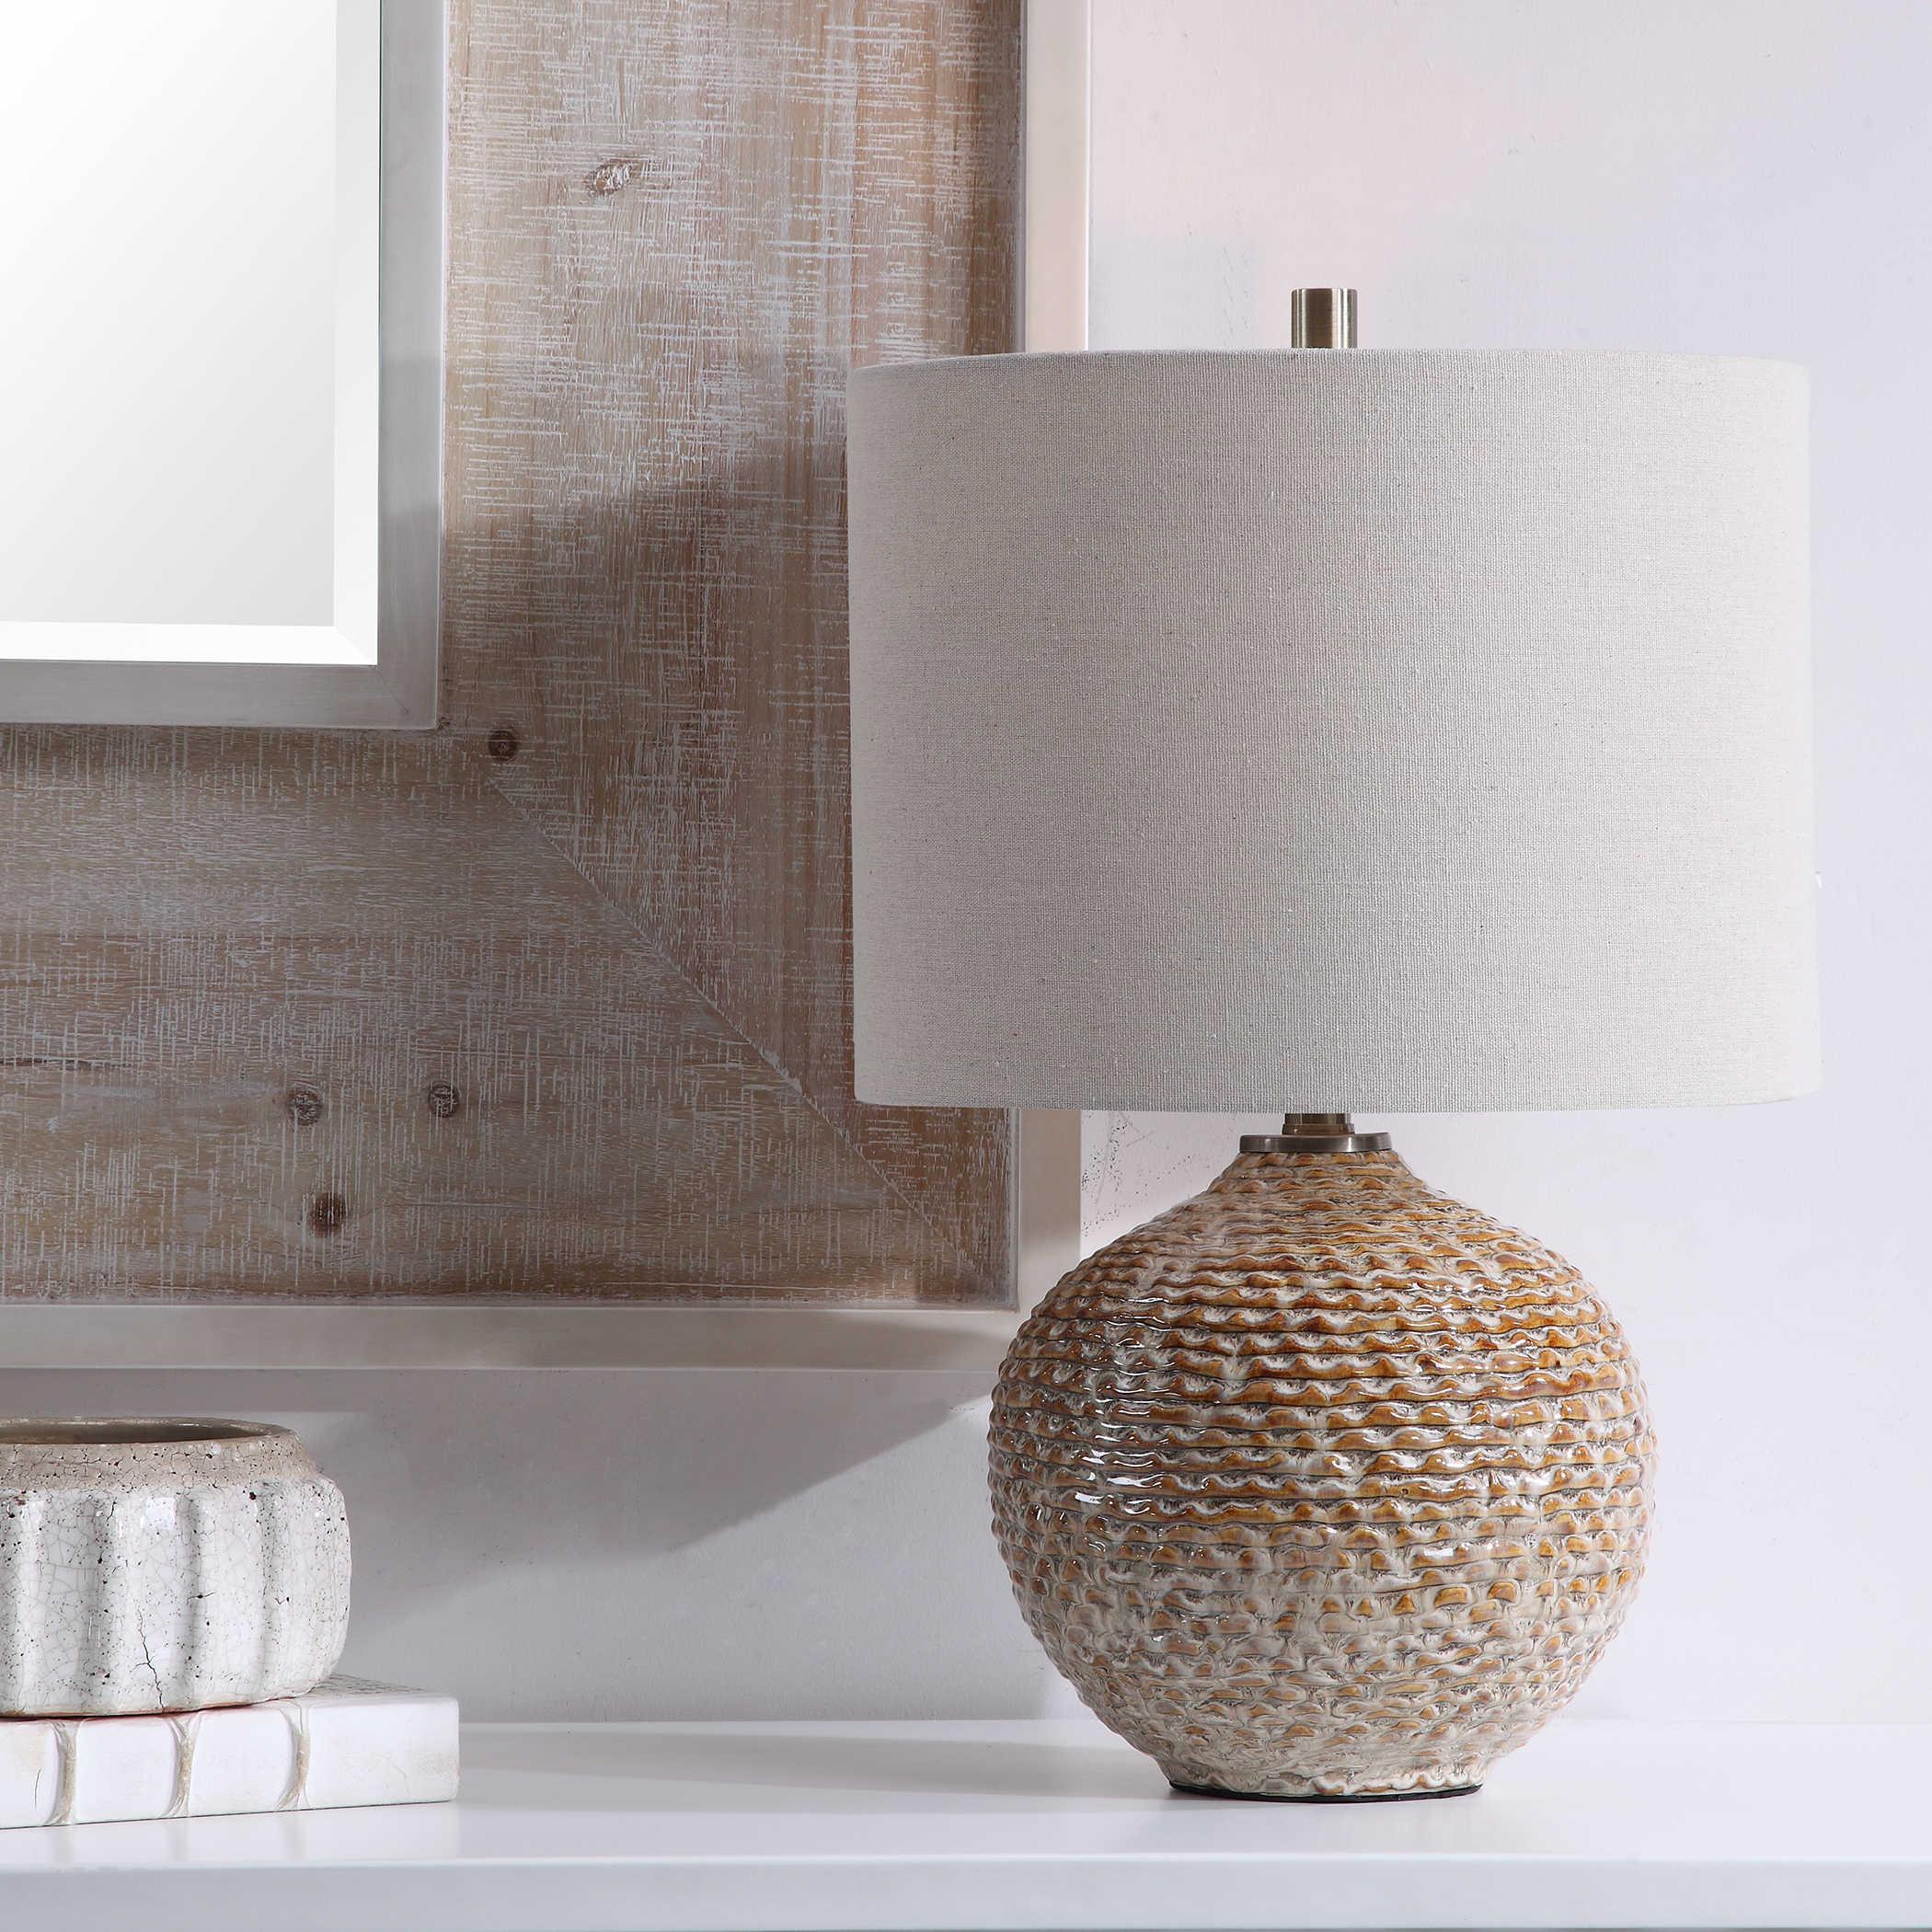 Lagos Accent Lamp + Morro Mirror